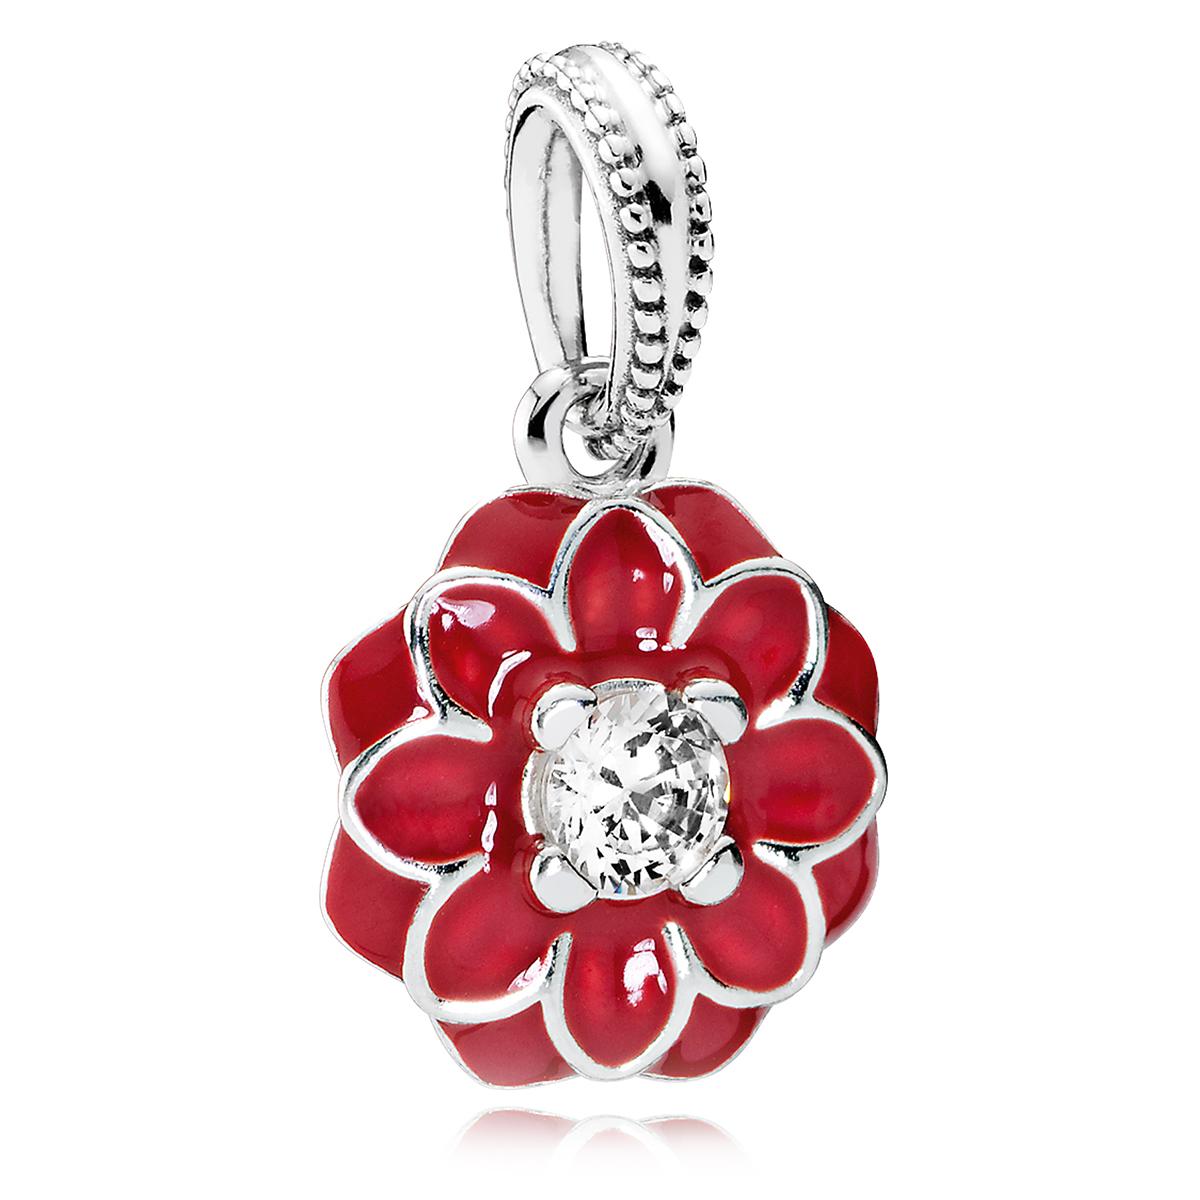 Pandora pendants pancharmbracelets pandora oriental bloom dangle charm sciox Images